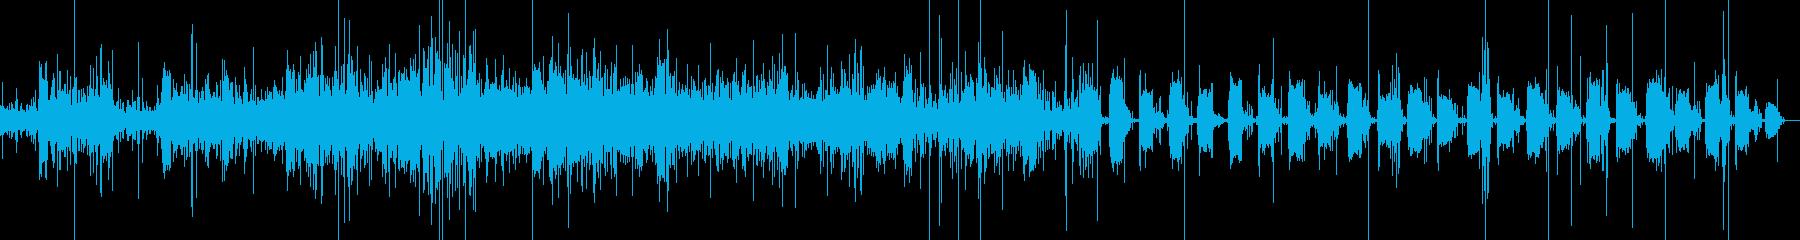 ぴちょぴちょ…ガガ、ガガ洗濯機が回る音の再生済みの波形